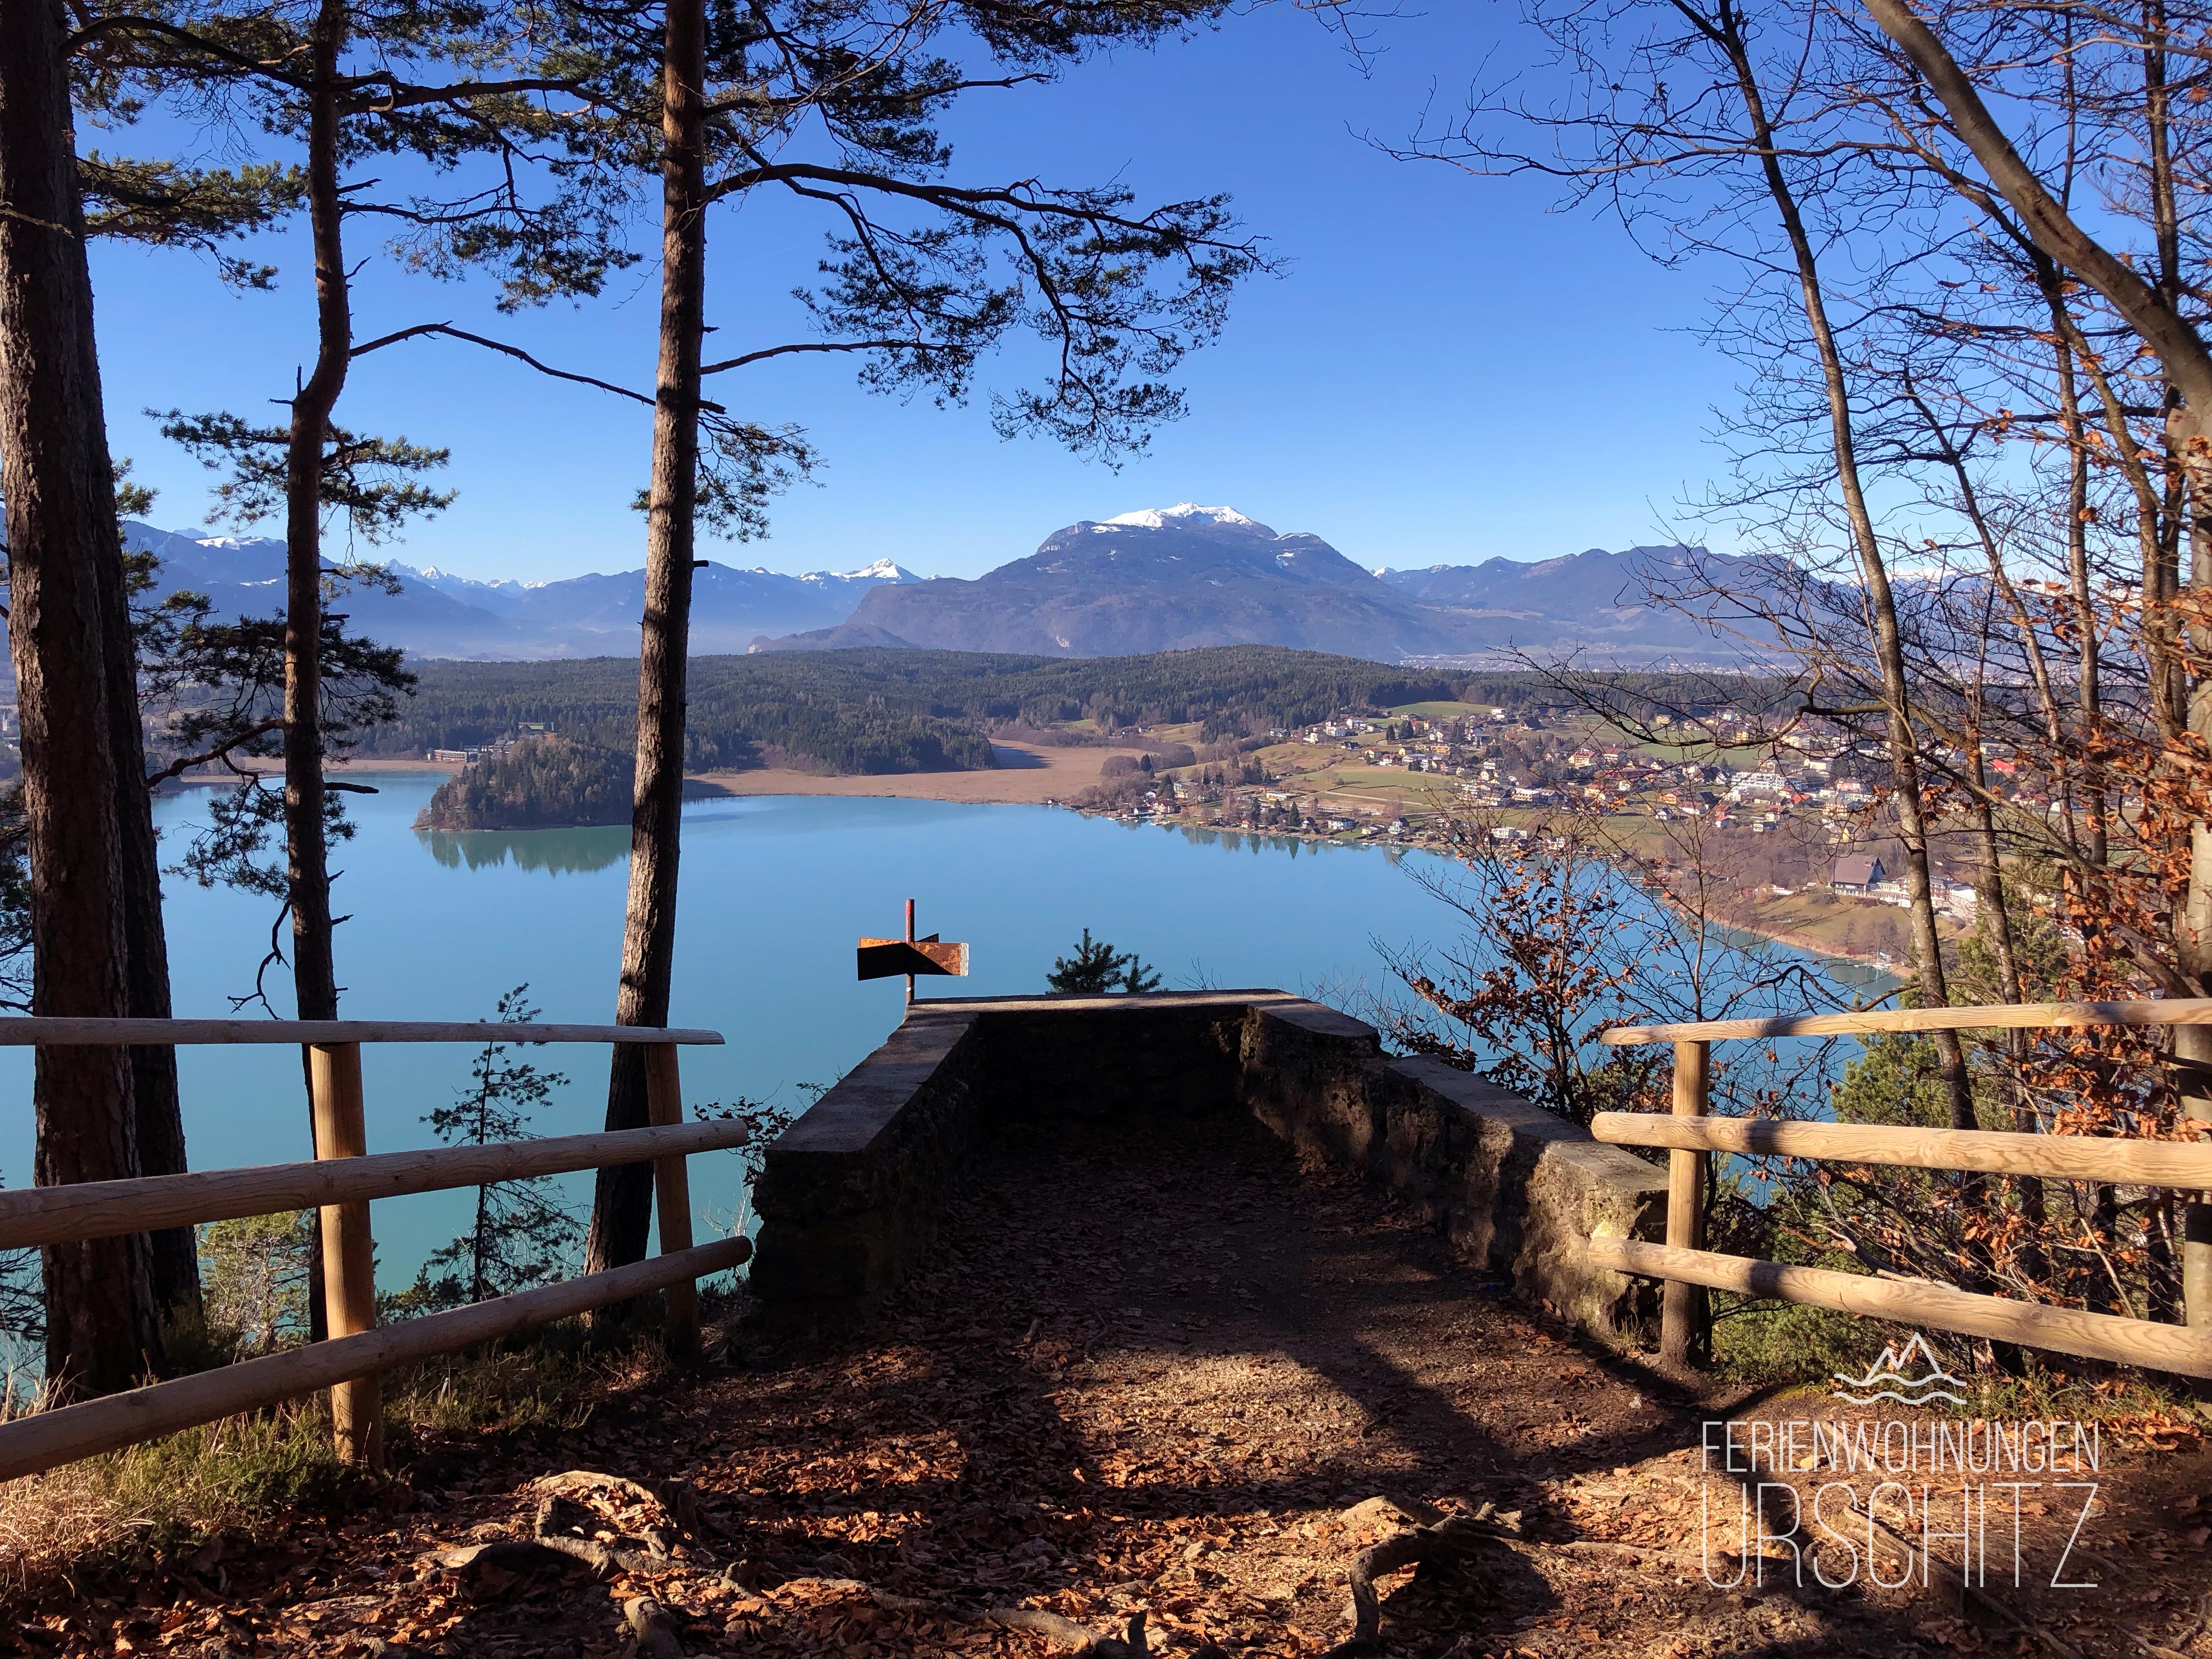 Taborhöhe mit Faaker See Blick